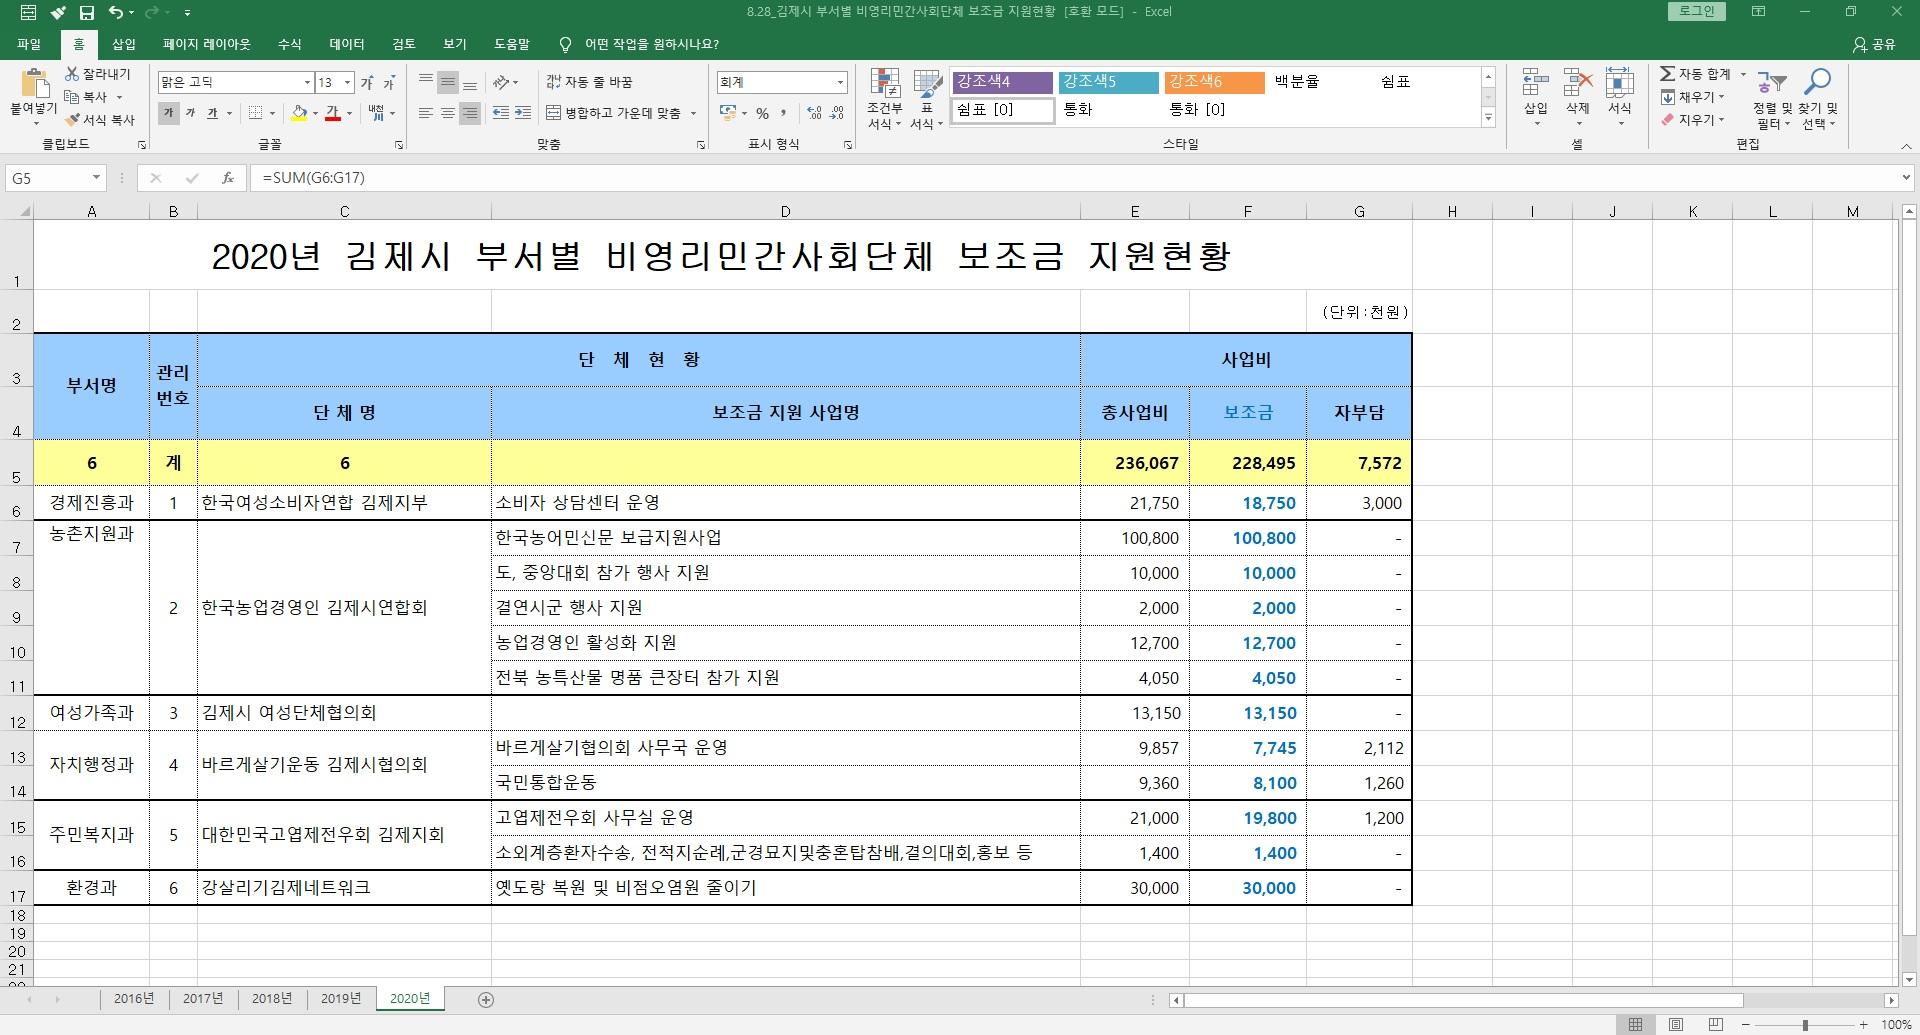 8.28_20.8.11_김제시 부서별 비영리민간사회단체 보조금 지원현황.jpg